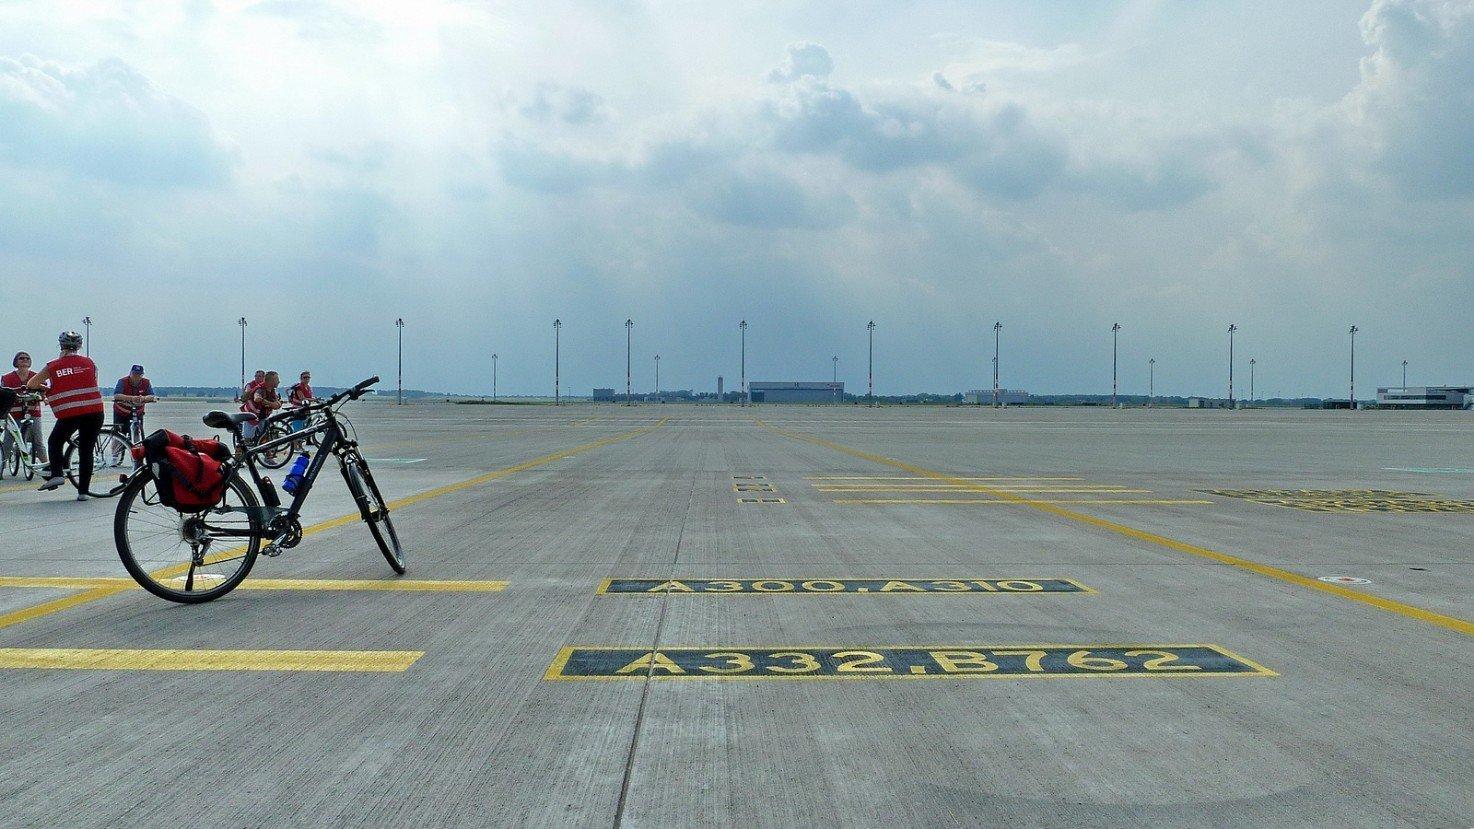 Fahrrad-Tour über den menschenleeren BER-Flughafen (Foto: © Dieter Palm, Flickr)